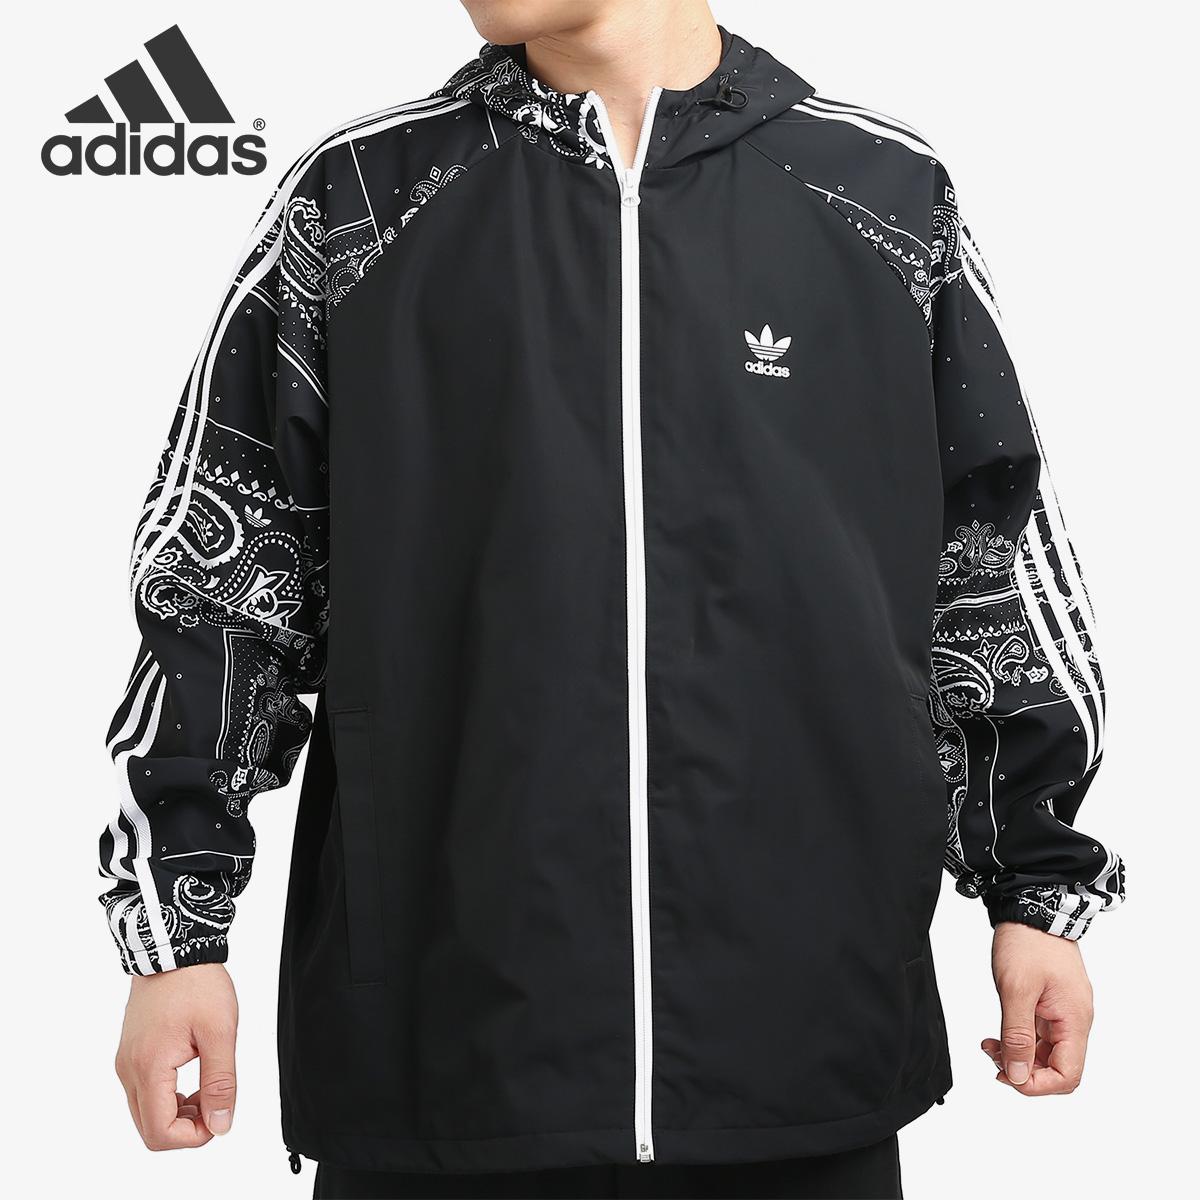 Áo khoác thể thao nam Adidas / Adidas chính hãng WB BANDANA áo khoác thể thao nam DX4232 - Áo khoác thể thao / áo khoác